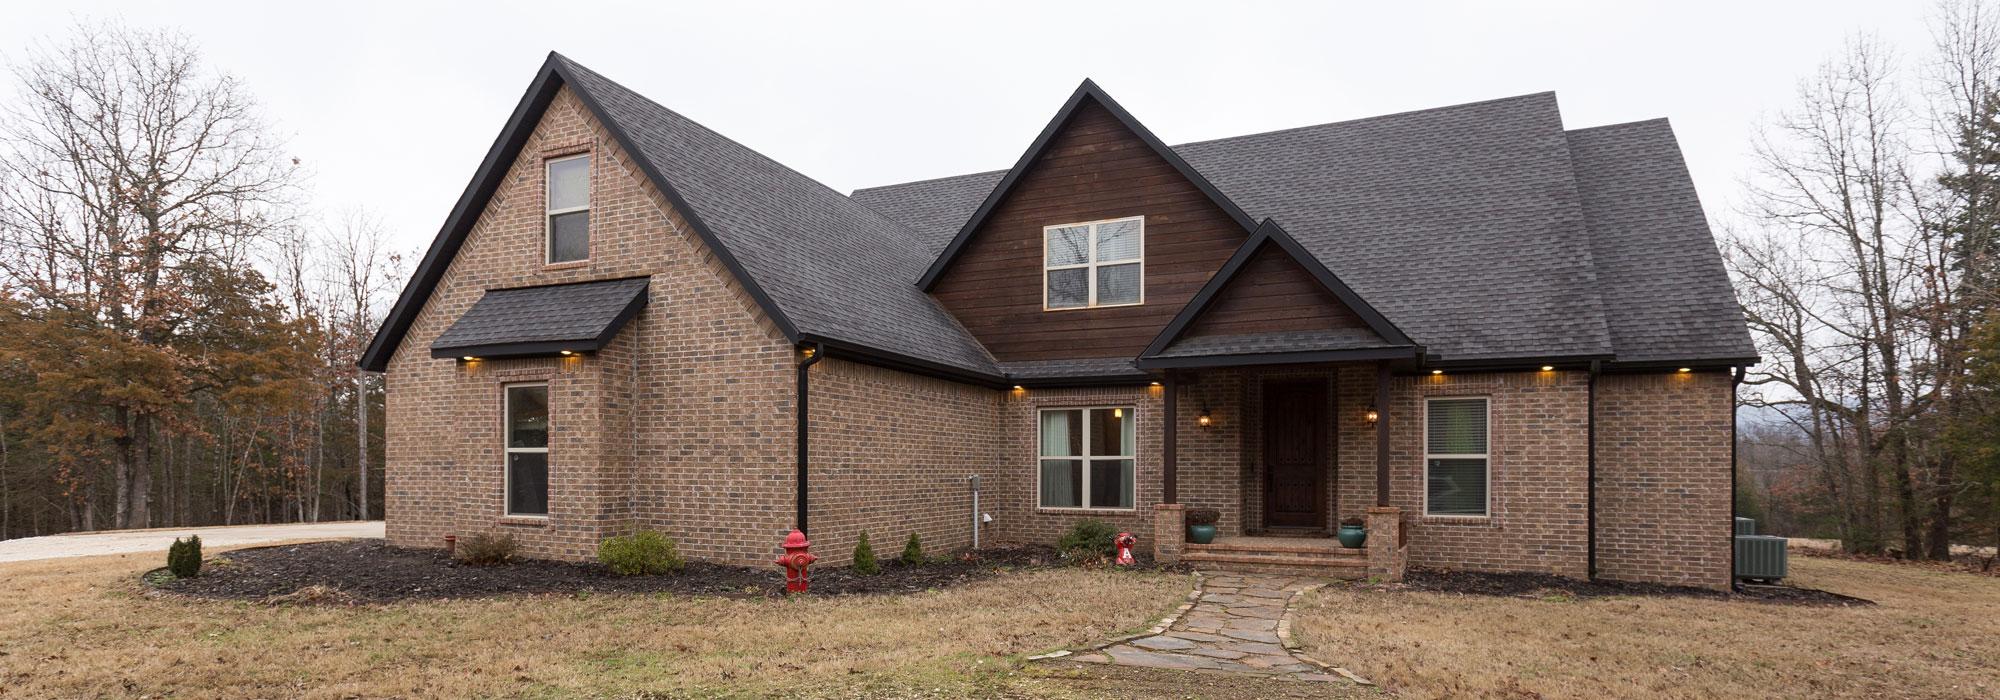 11006 Illinois Chapel Rd, Prairie Grove, AR 72753